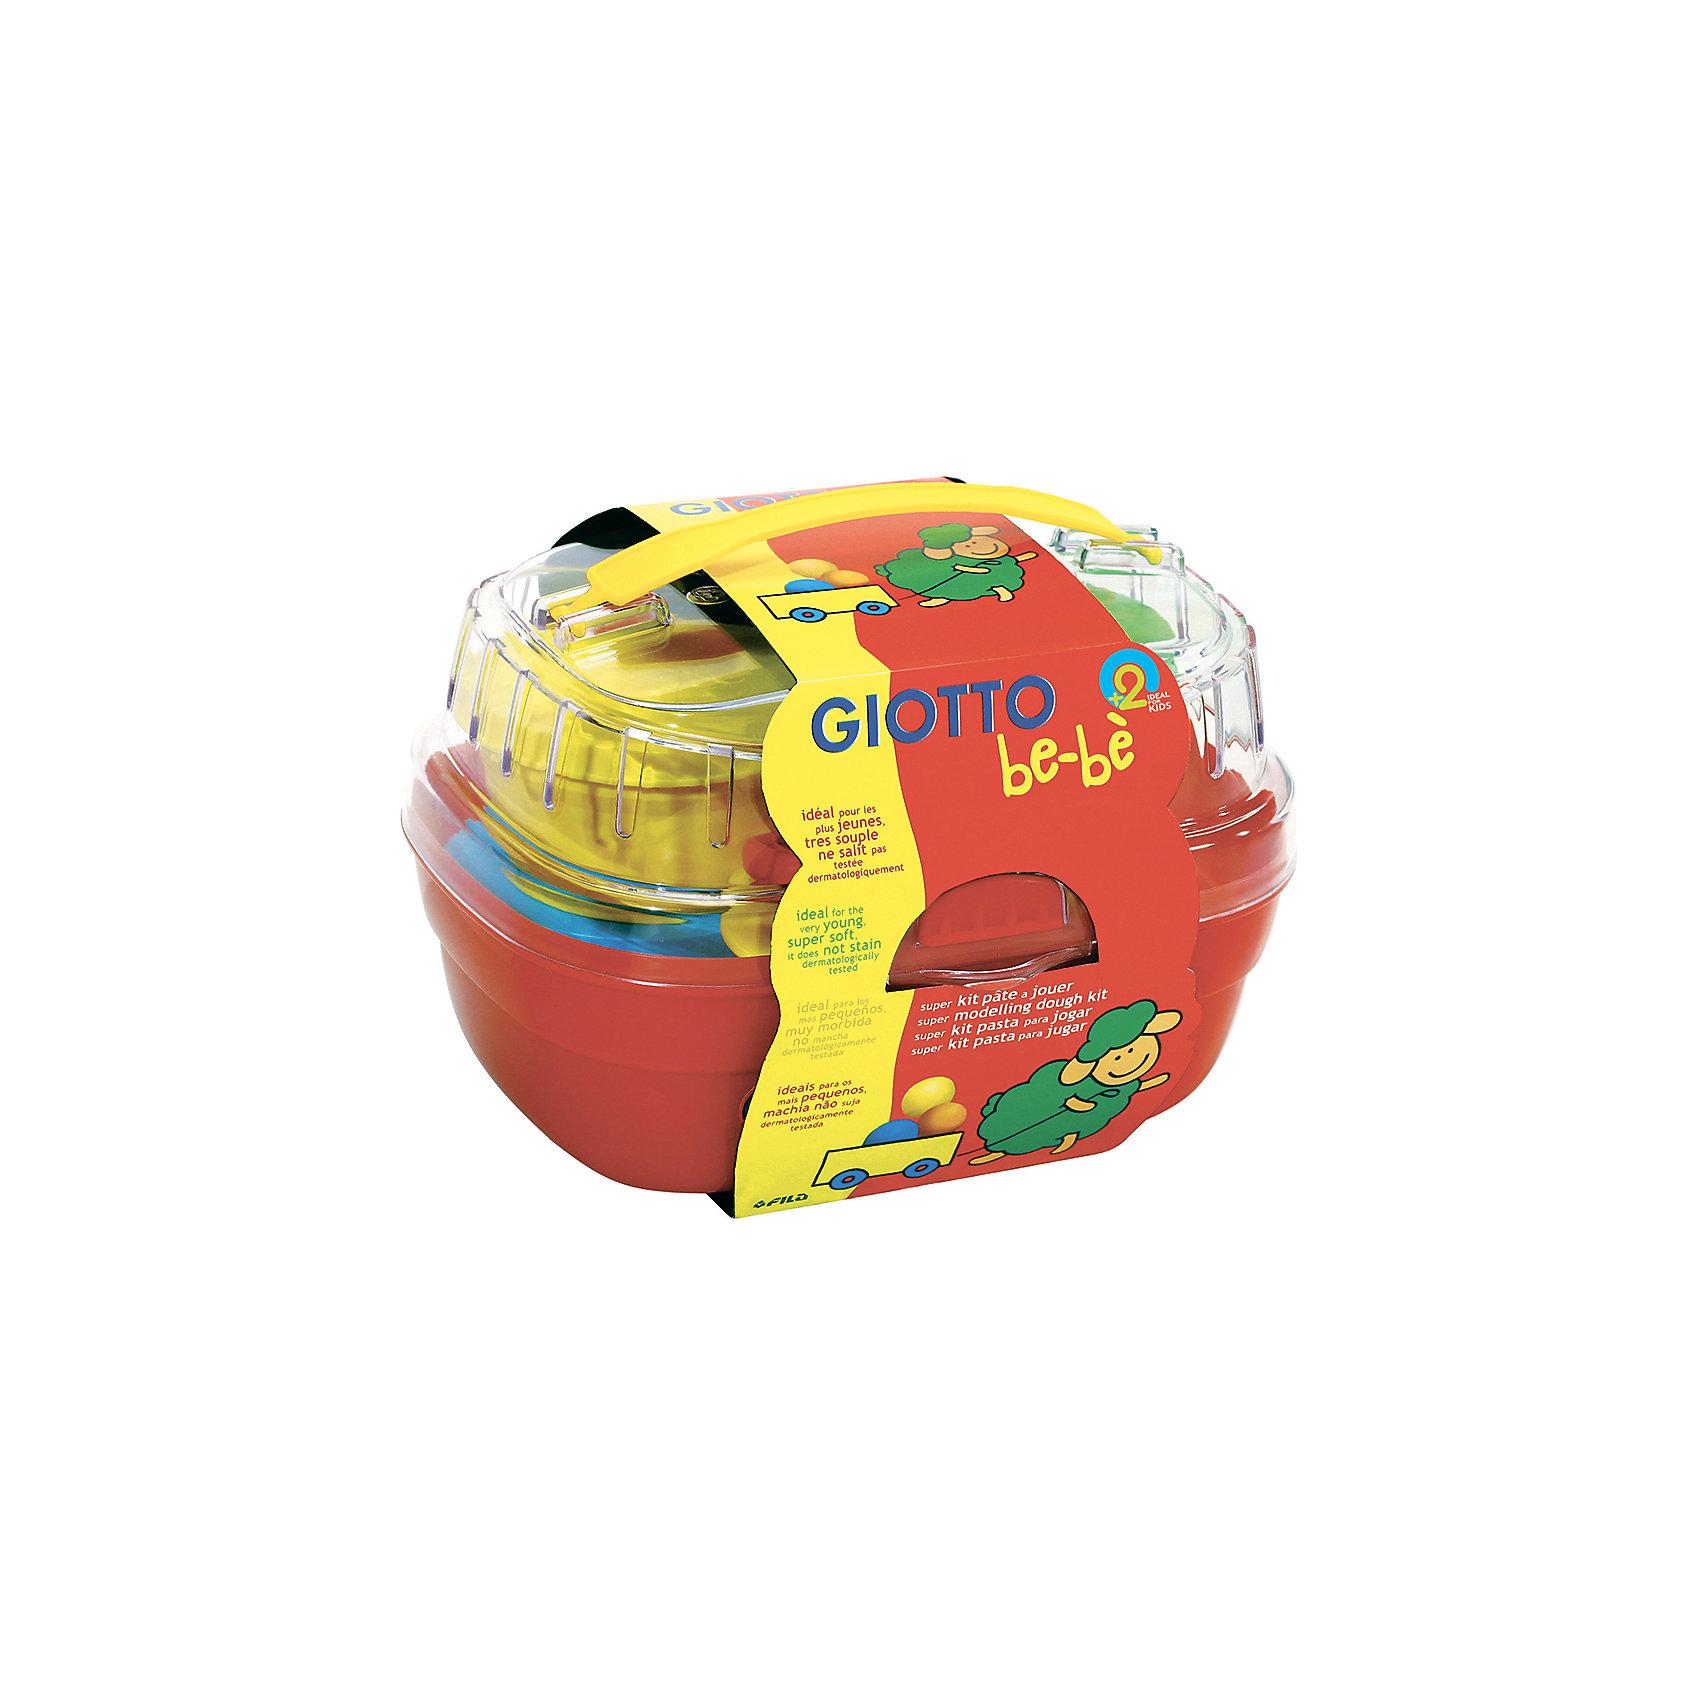 Набор массы для моделирования 4цв х 100 г и аксессуаров для лепки в пластиковом сундучке.Лепка<br>Характеристики товара:<br><br>• упаковка: пластиковый сундучок<br>• комплектация: масса для лепки, аксессуары<br>• материал: пищевые красители, кукурузный крахмал, соль, мука<br>• цветов: 4<br>• вес массы одного цвета: 100 г<br>• возраст: от двух лет<br>• затвердевает на воздухе<br>• развивающая<br>• страна бренда: Италия<br>• страна производства: Китай<br><br>Лепка - отличный способ занять ребенка. Это не только занимательно, но и очень полезно! С помощью такого набора для творчества ребенок сможет сам сделать фигурки с помощью инструментов, а дальше - делать более сложные предметы. Эта масса для моделирования - безопасный материал, в котором только натуральные компоненты: пищевые красители, кукурузный крахмал, соль, мука. В комплекте - масса для лепки и инструменты. Масса сама затвердевает на воздухе.<br>Такое занятие как лепка помогает детям развивать многие важные навыки и способности: они тренируют внимание, память, логику, мышление, мелкую моторику, а также усидчивость и аккуратность. Изделие производится из качественных сертифицированных материалов, безопасных даже для самых маленьких.<br><br>Набор массы для моделирования 4цвх100 г и аксессуаров для лепки в пластиковом сундучке от бренда GIOTTO можно купить в нашем интернет-магазине.<br><br>Ширина мм: 120<br>Глубина мм: 140<br>Высота мм: 180<br>Вес г: 405<br>Возраст от месяцев: 24<br>Возраст до месяцев: 72<br>Пол: Унисекс<br>Возраст: Детский<br>SKU: 5107863